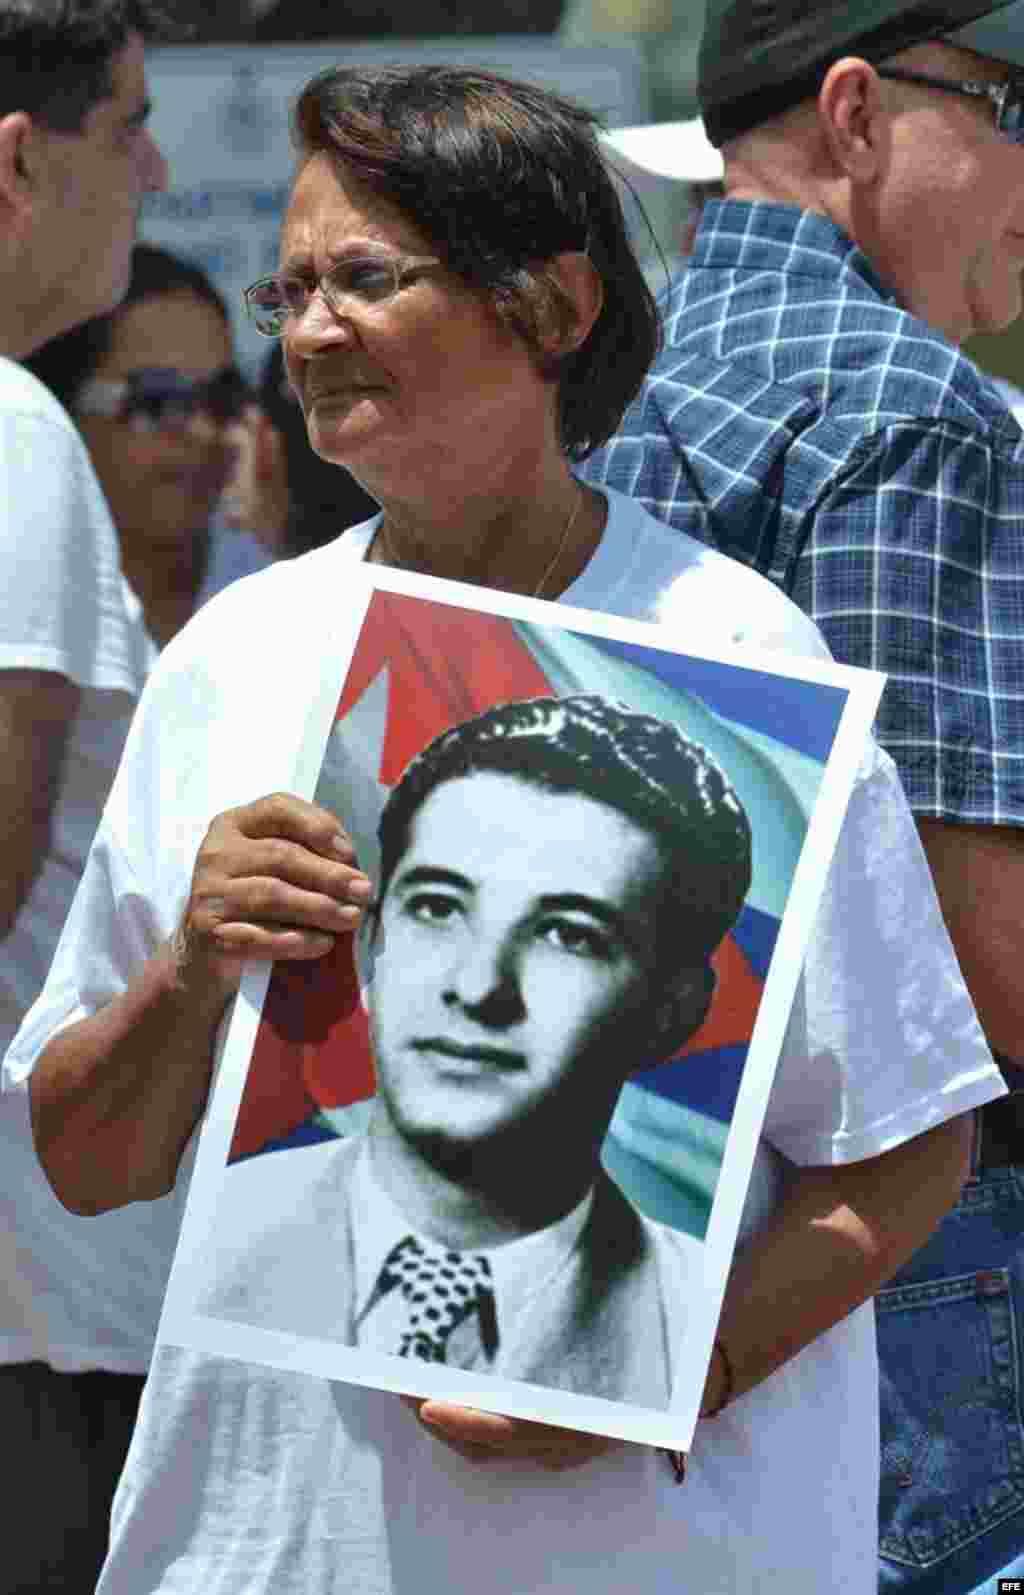 Una mujer sostiene una fotografía del fallecido opositor cubano Pedro Luis Boitel hoy, domingo 29 de julio de 2012, mientras participa en una manifestación hecha por varias agrupaciones de disidentes cubanos en Miami (EEUU). EFE/GASTÓ